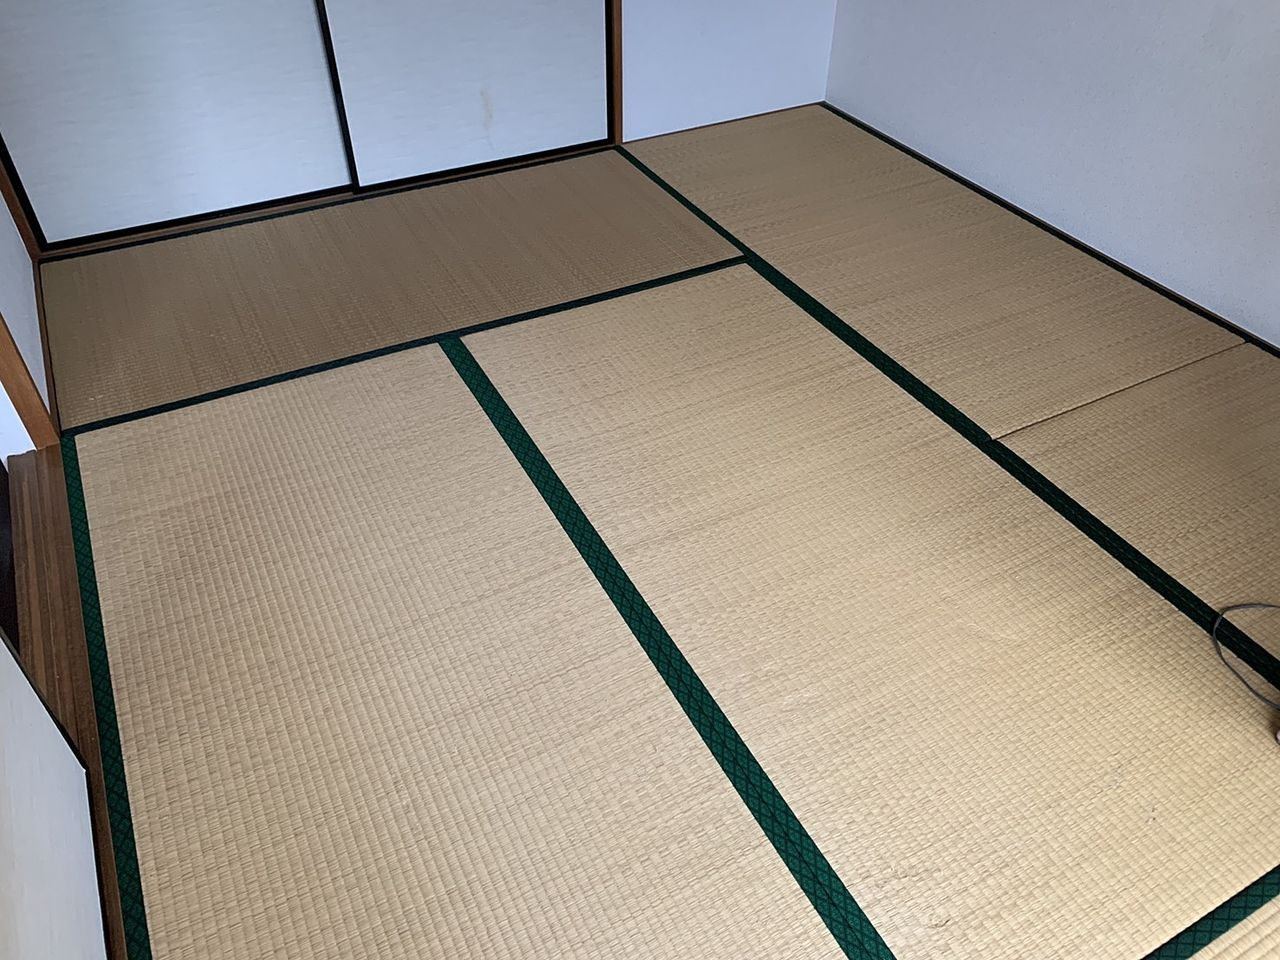 畳が波打つくらいに傷み過ぎているとフローリングカーペットでの模様替えには適しません。工事費用はかさみますが、畳を処分して床組みし直す施工をおススメします。